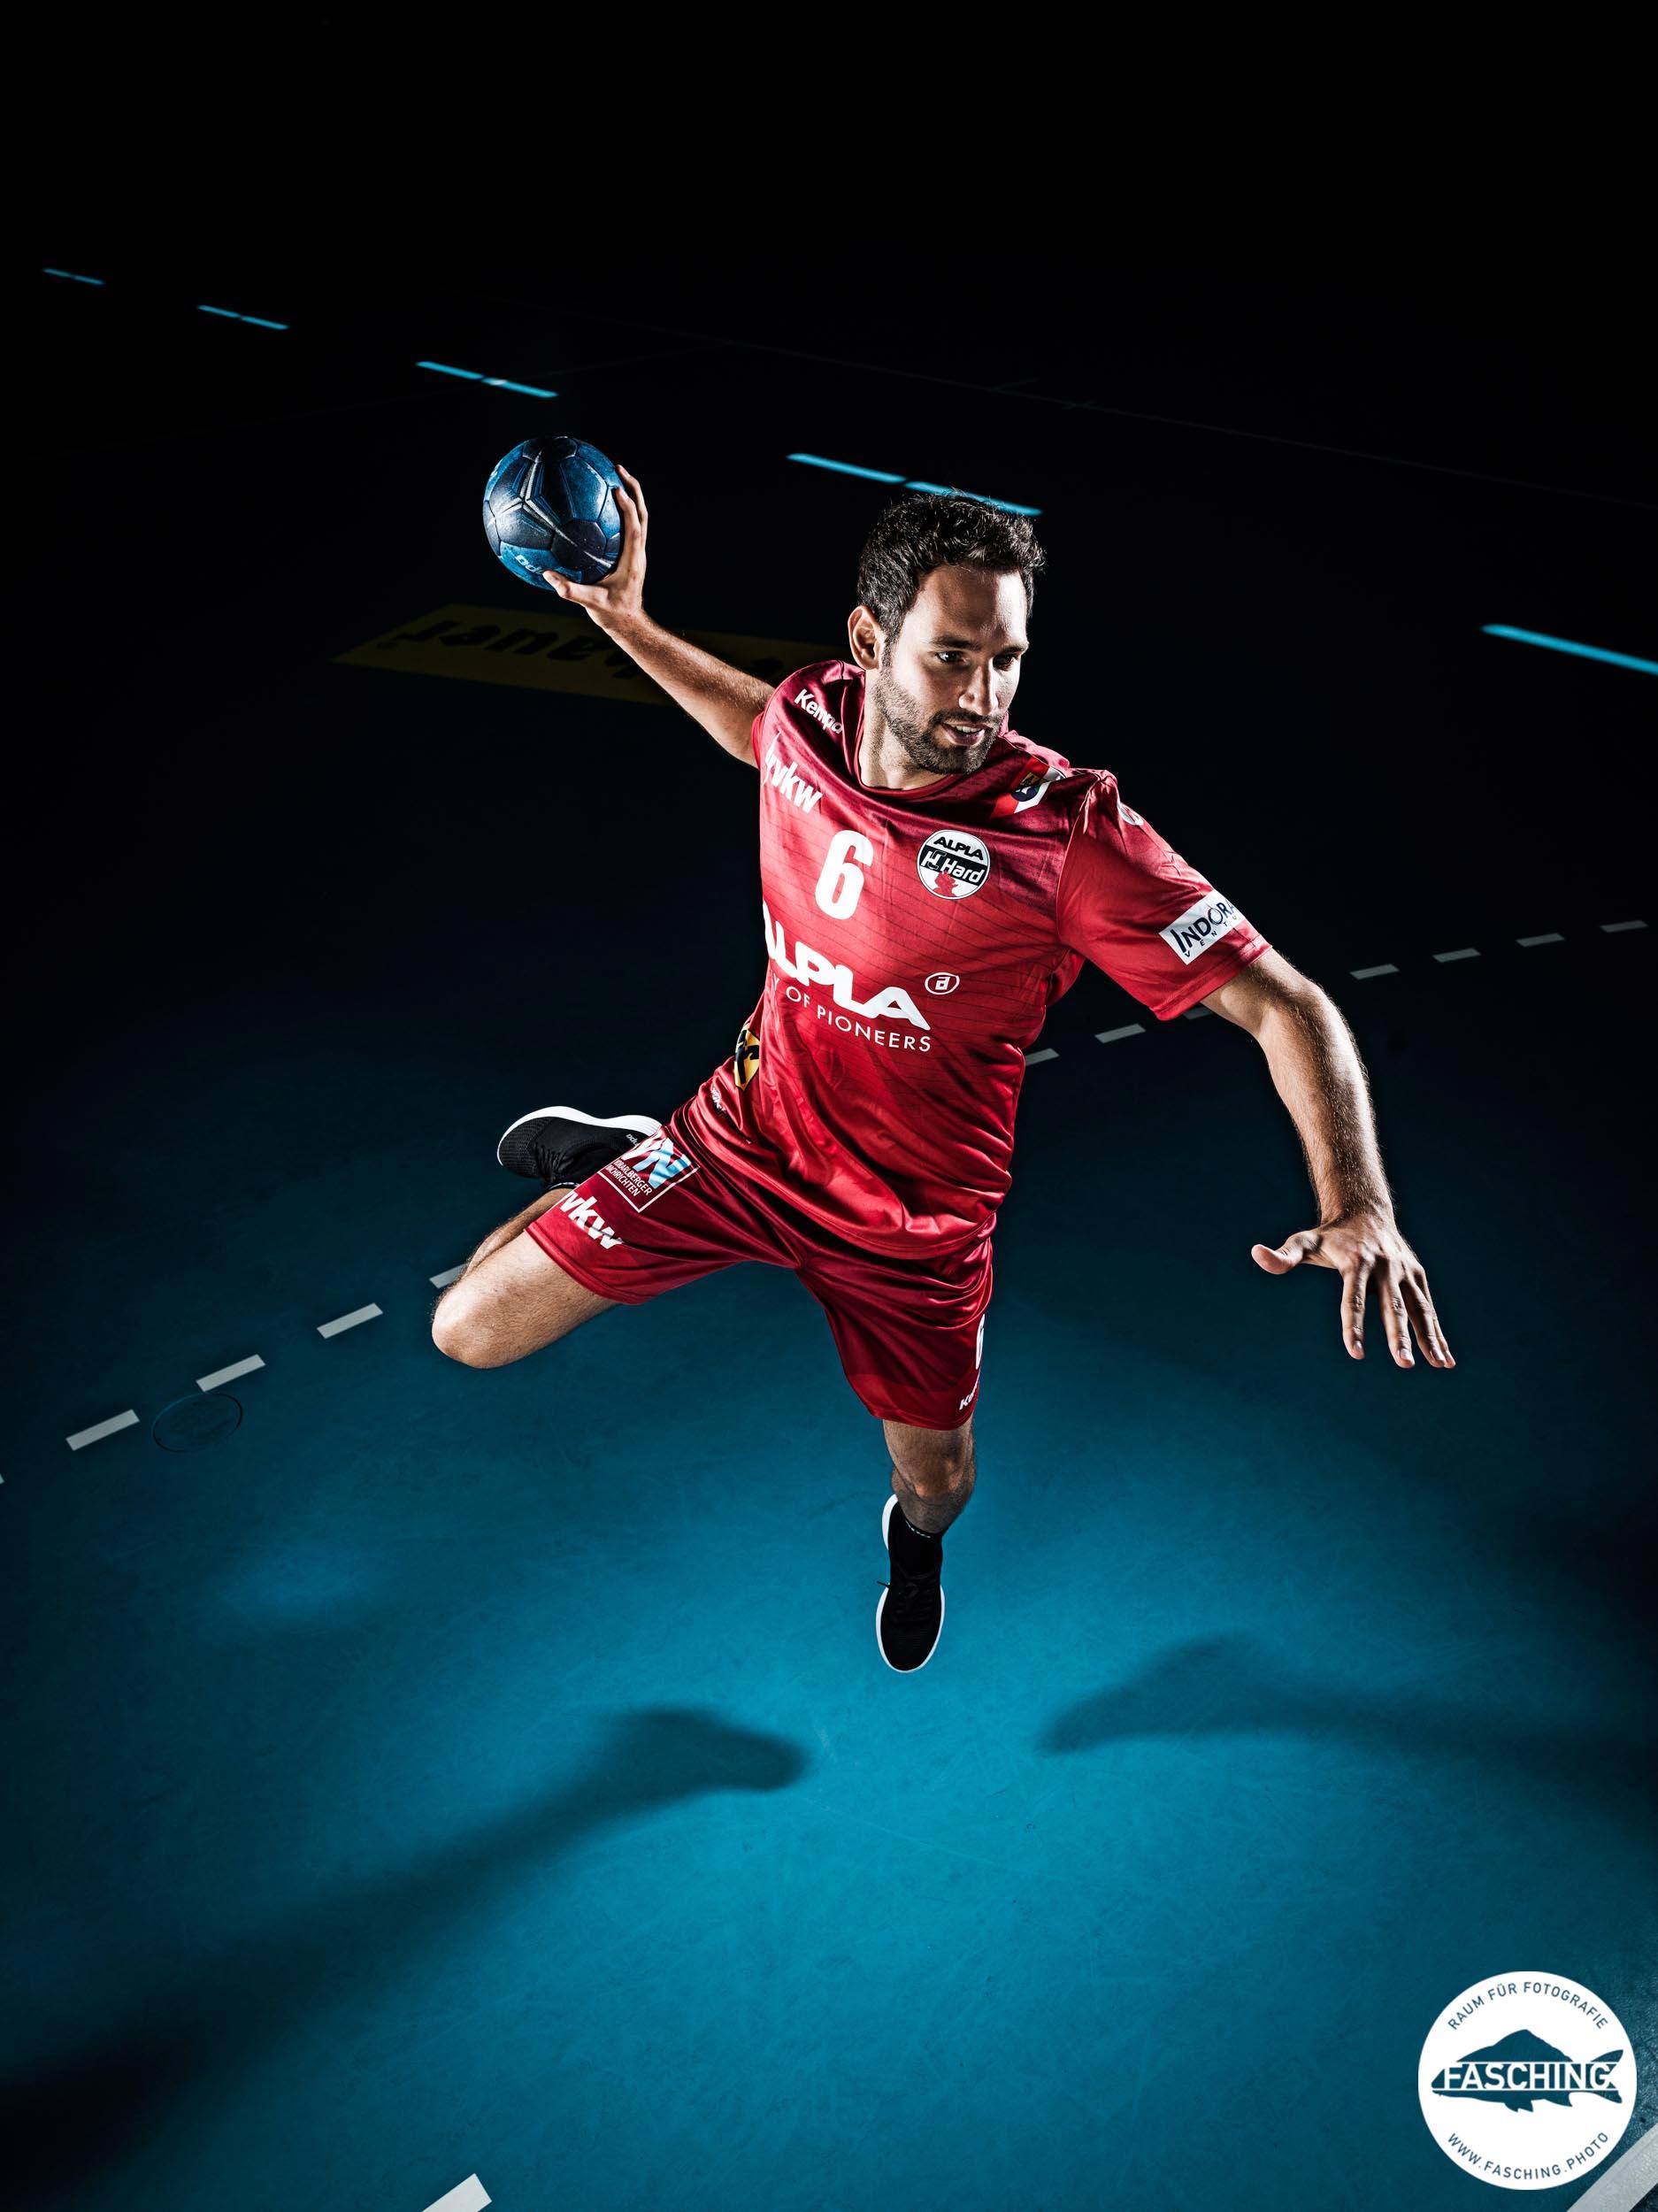 Sportfotograf Luca Fasching fotografierte für den Sportverein HC Alpla Hard die Actionbilder